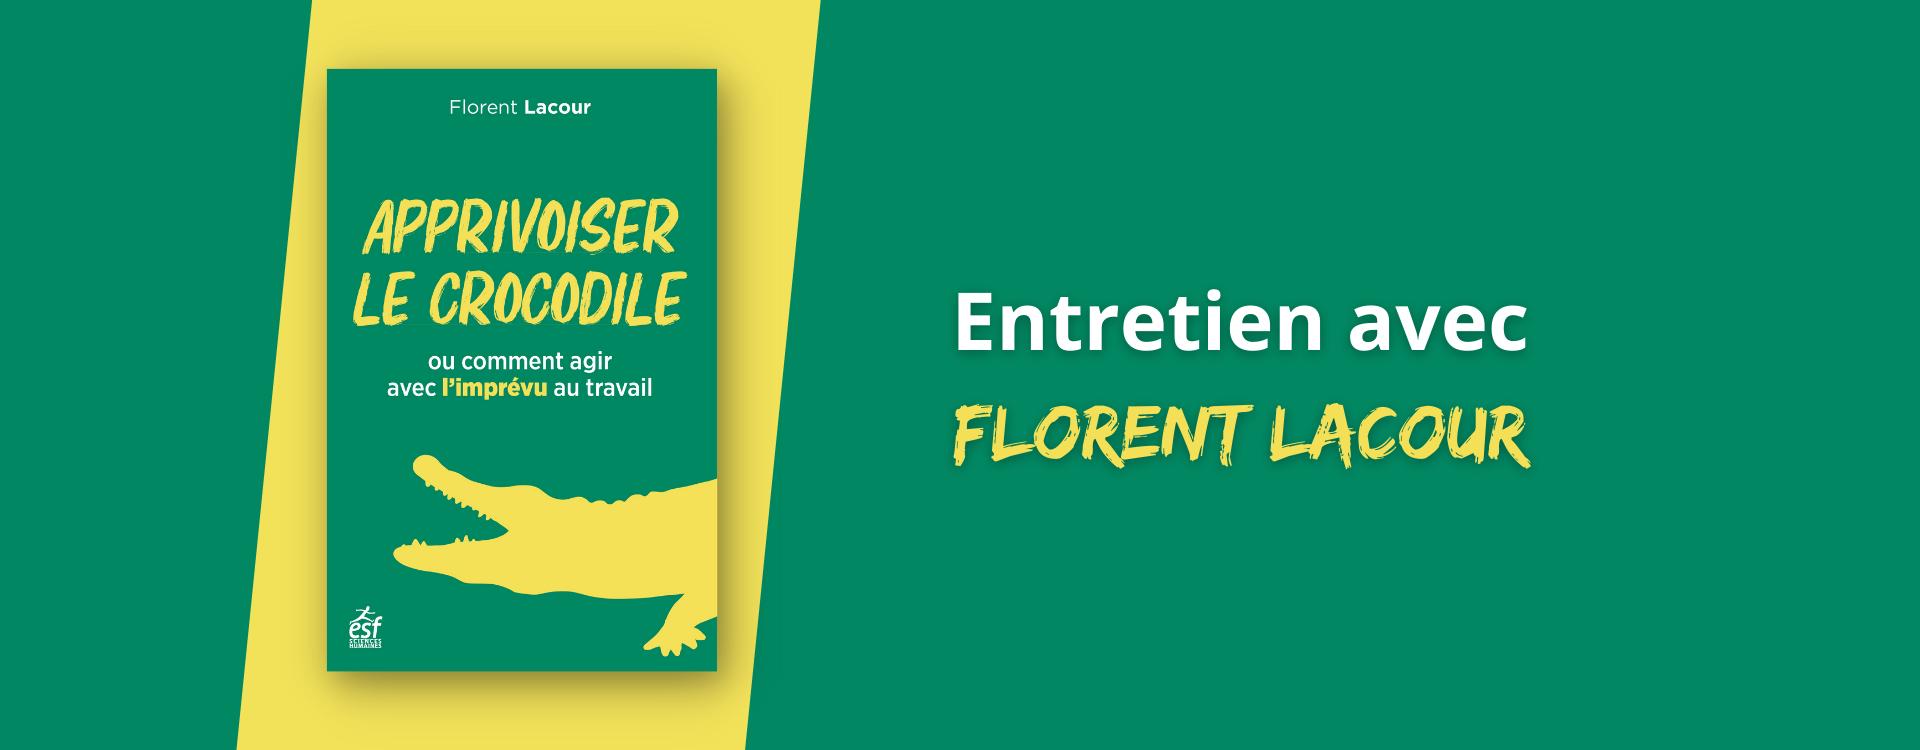 Apprivoiser le crocodile ou comment agir avec l'imprévu au travail : entretien avec Florent Lacour